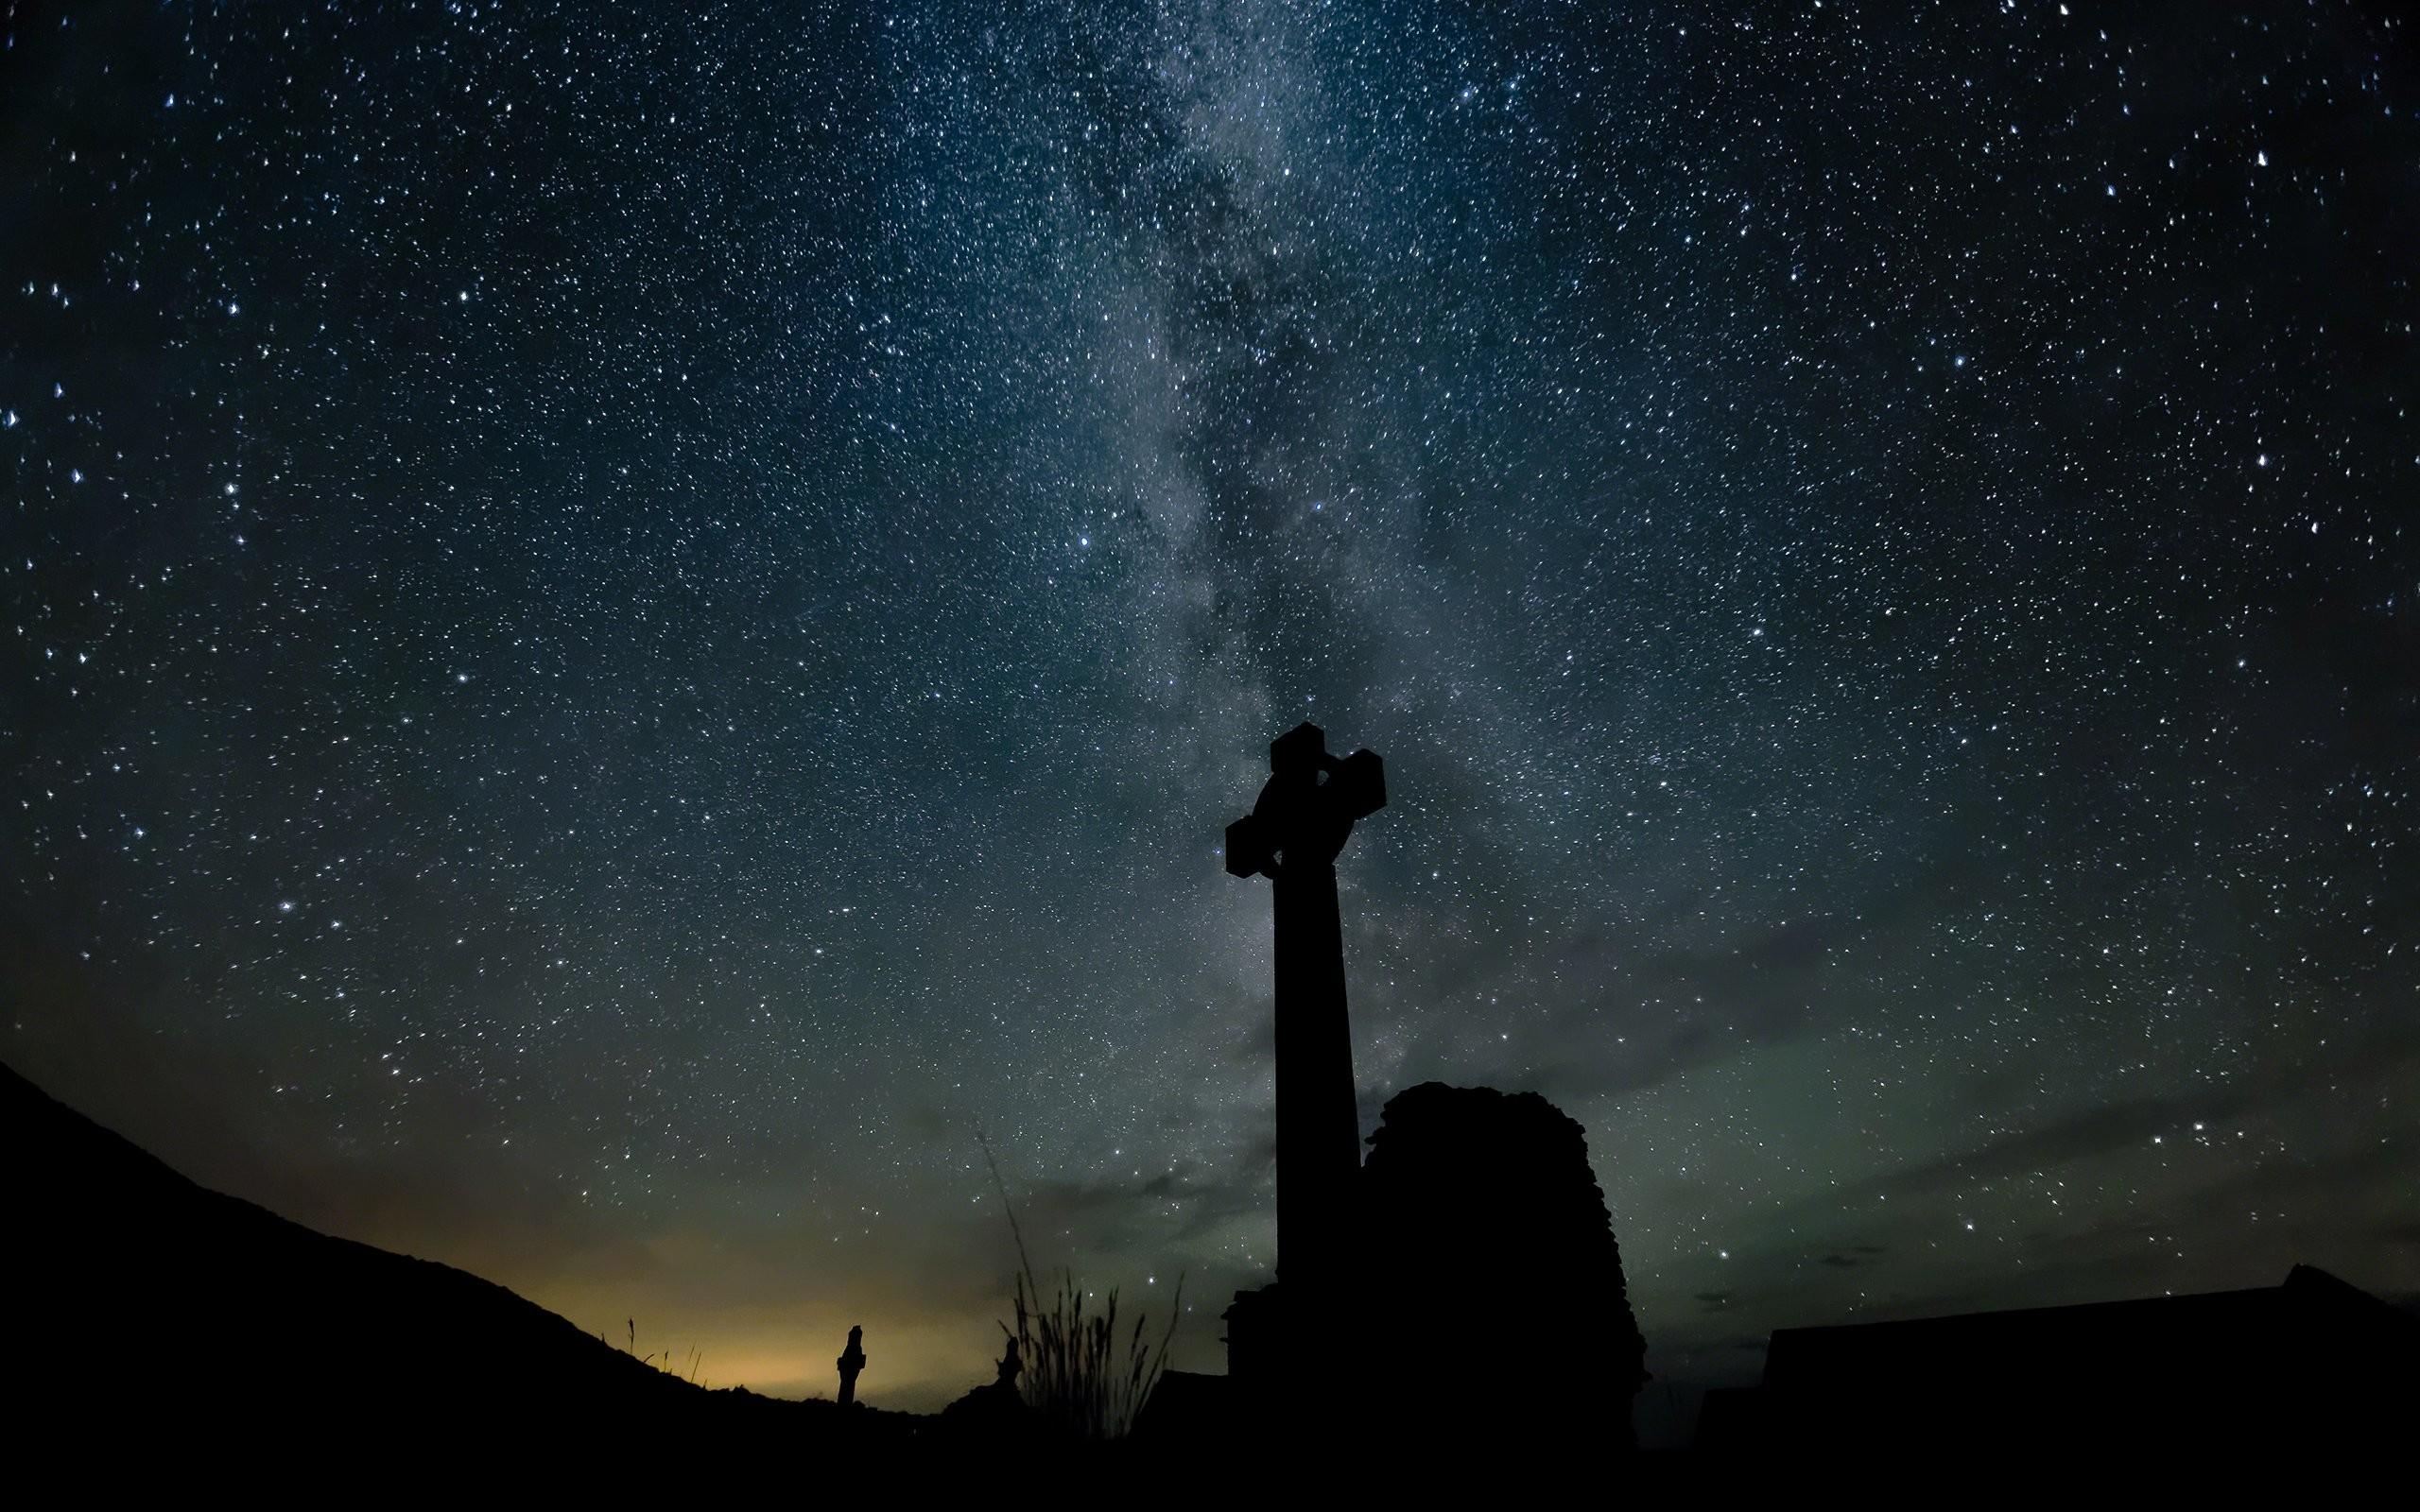 2560x1600 Stars Night Cross Galaxy Milky Way wallpaper | 2560x1600 | 248055 .